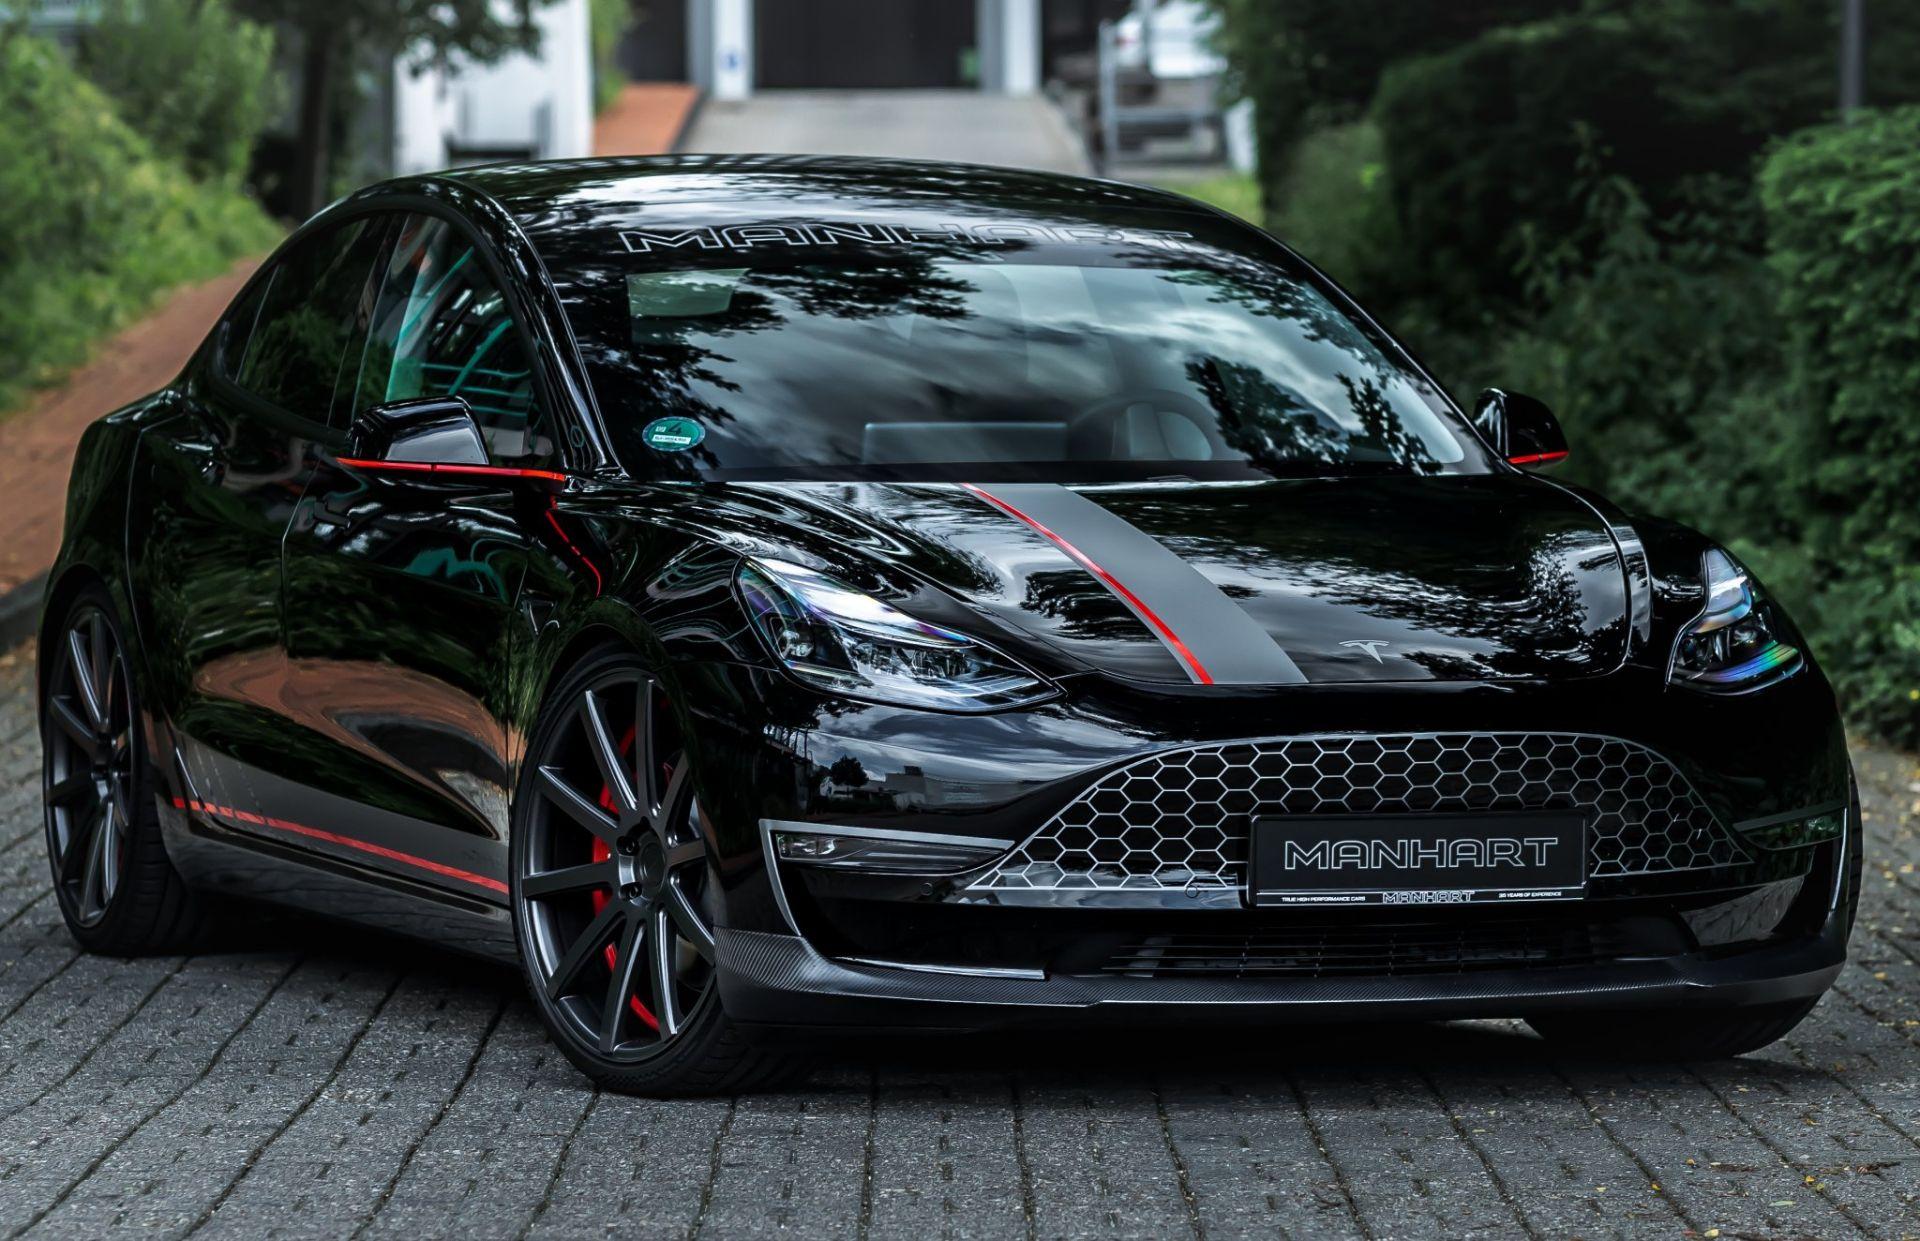 Пока что крайне мало ателье во всём мире решаются на тюнинг электрических силовых установок, но немцы из Manhart решили удивить общественность и разработали комплексный апгрейд для Tesla Model 3 Performance.